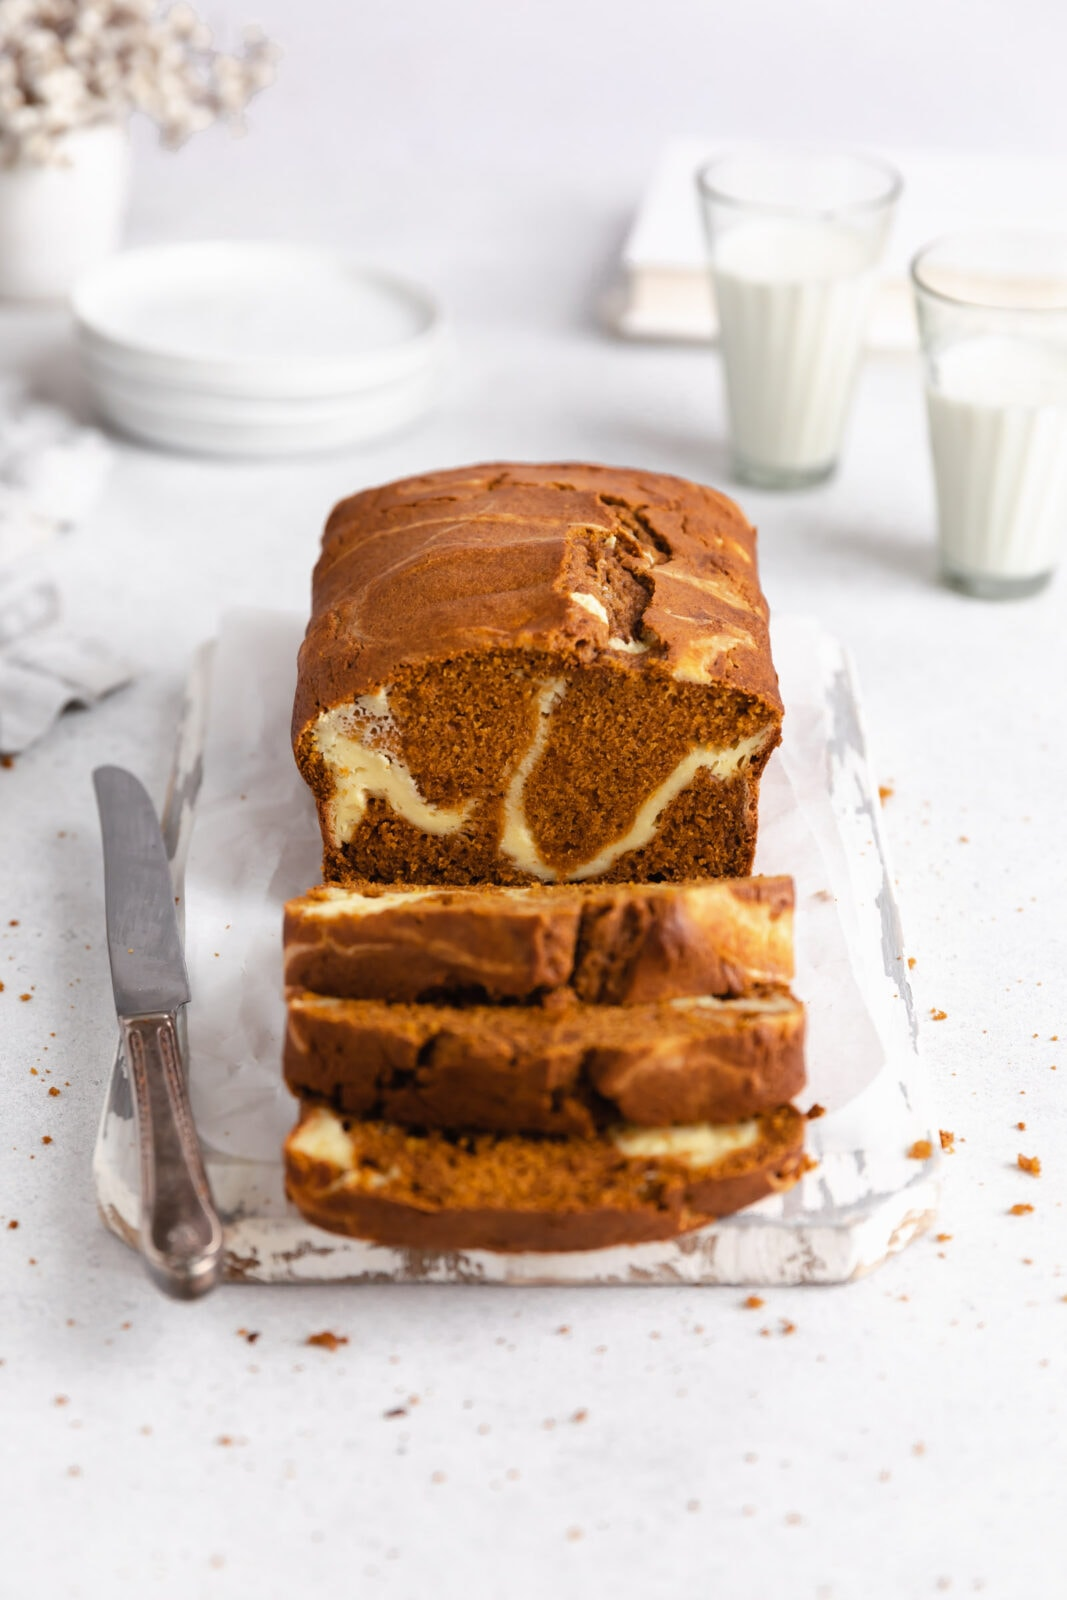 szuper nedves sütőtök kenyér